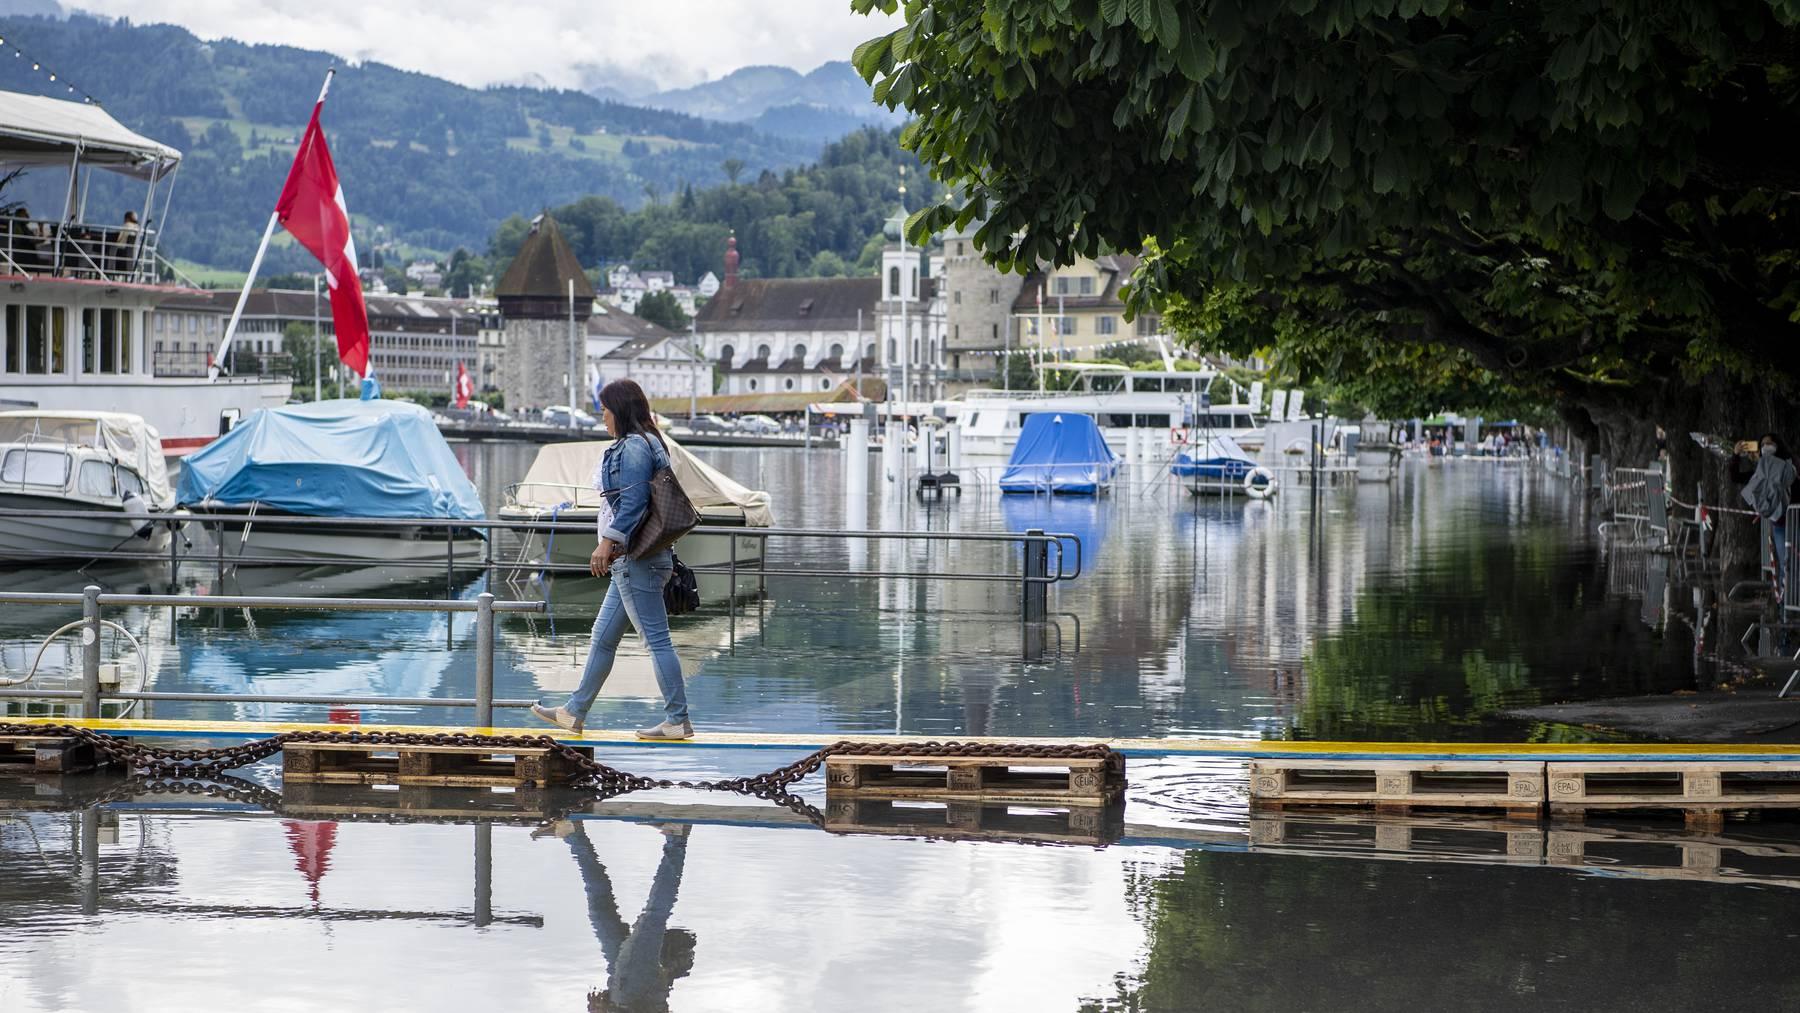 Die ersten Wasseruebertritte am Schweizerhofquai in Luzern sind erfolgt, am Freitag, 16. Juli 2021, in Luzern. Der Wasserspiegel des Vierwaldstaettersees ist bedrohlich hoch angestiegen und es muss in den naechsten Tagen mit Ueberschwemmungen gerechnet werden.